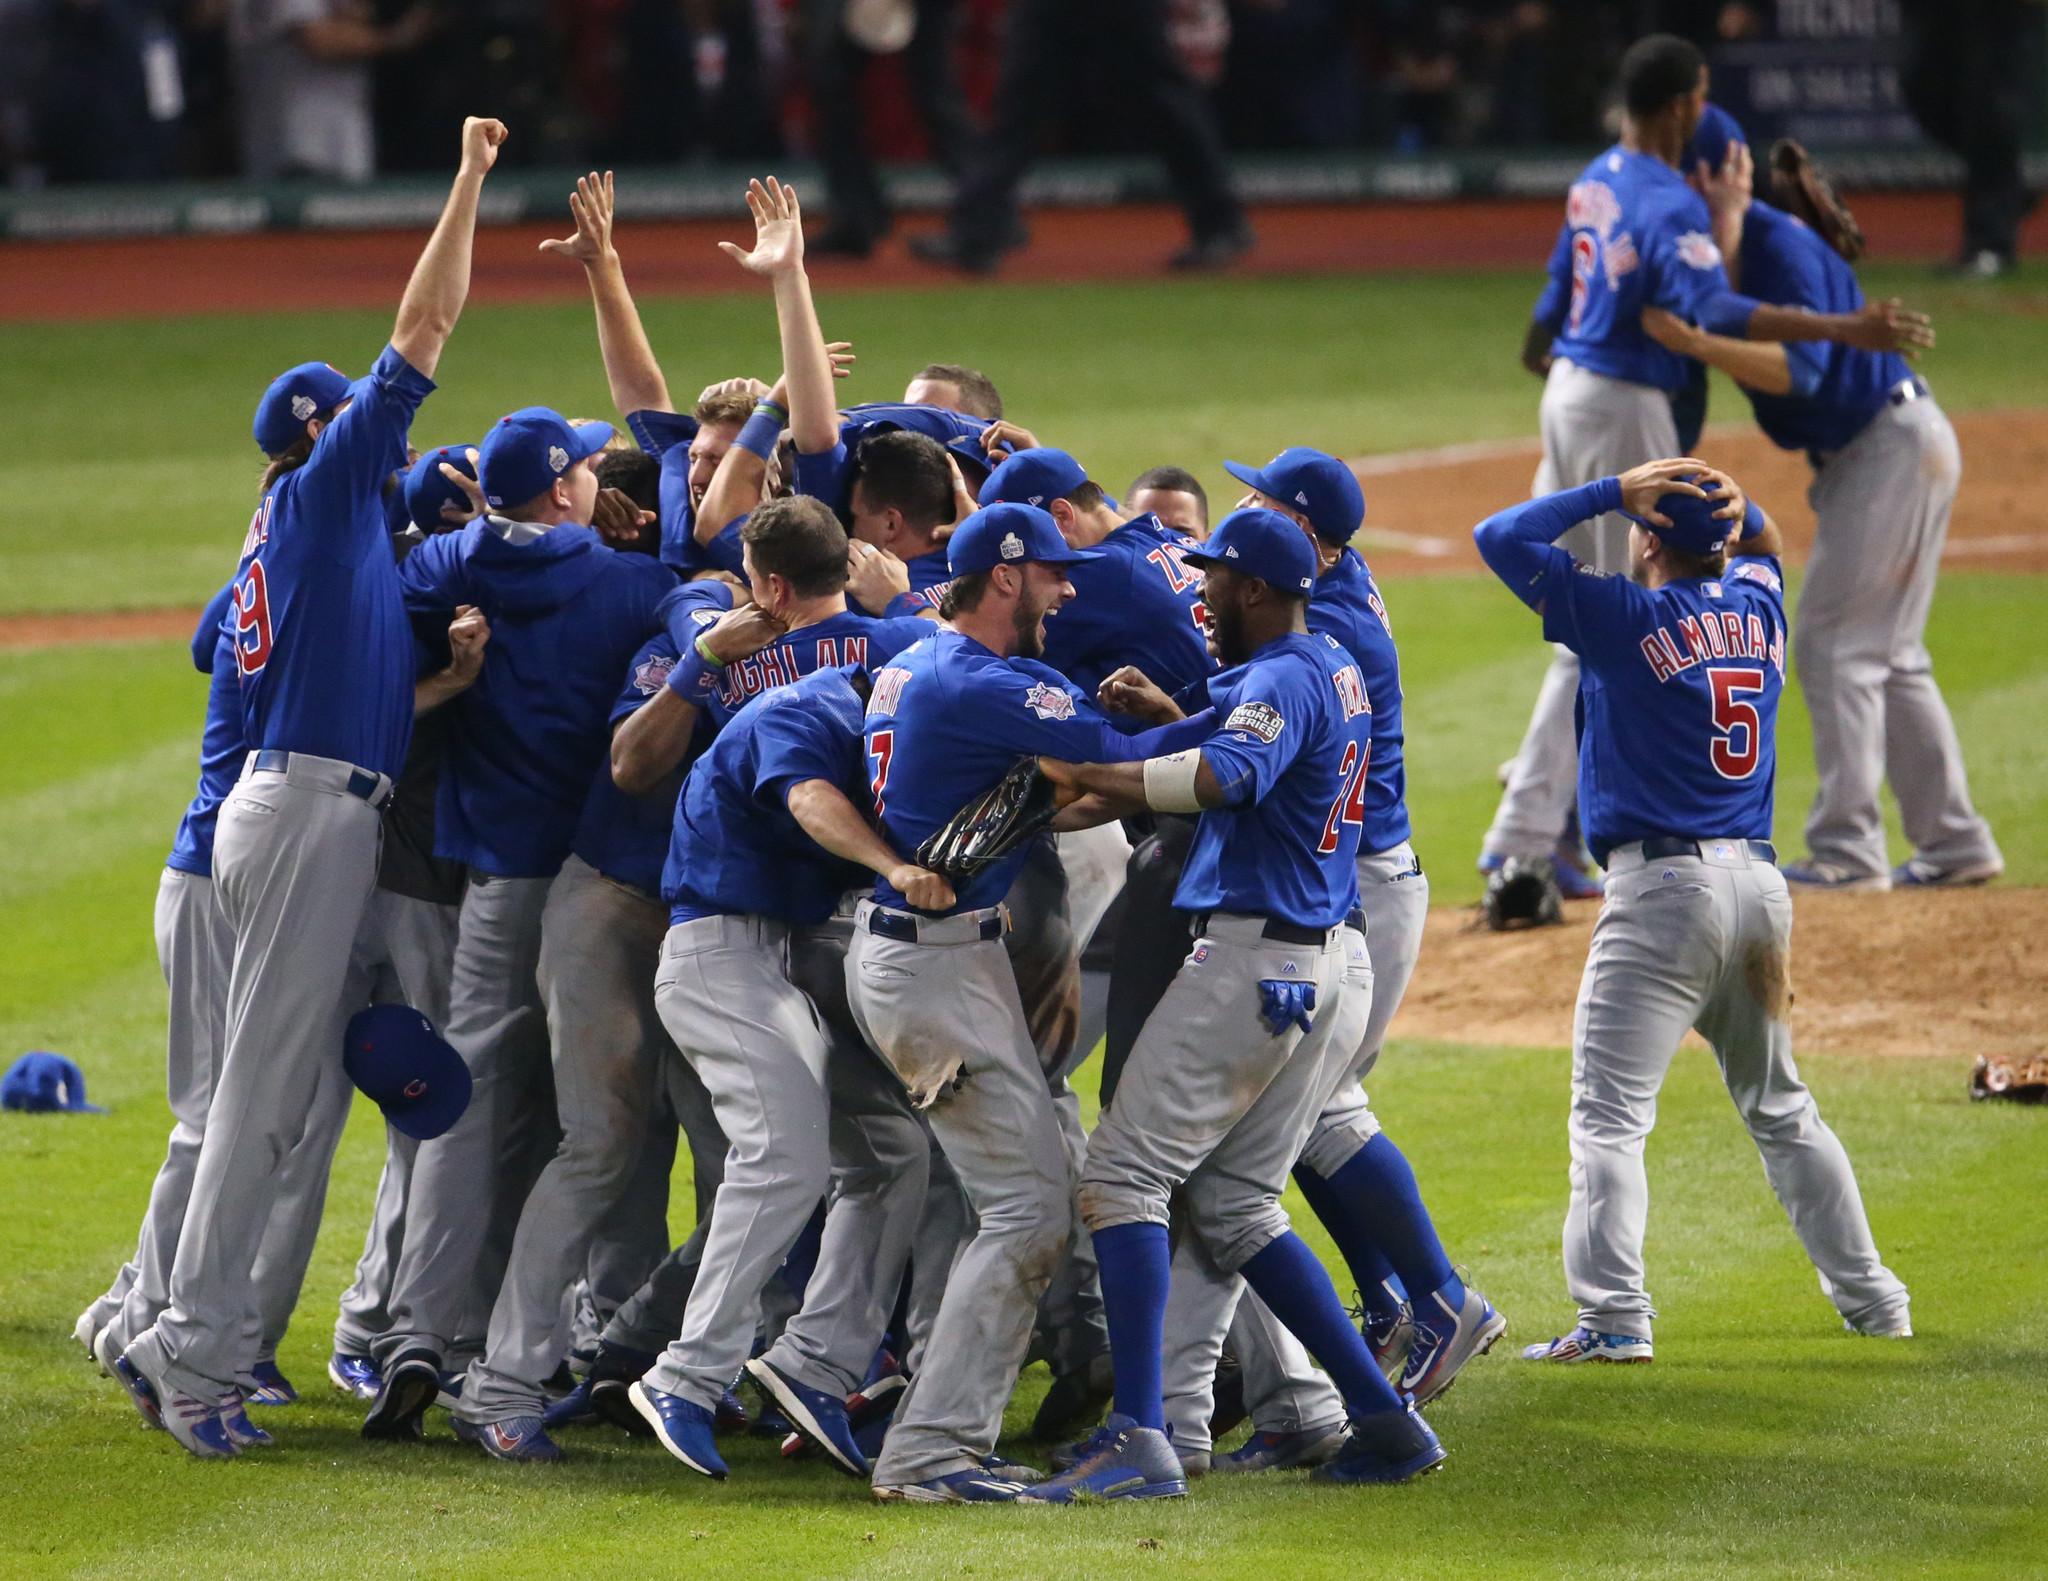 Festa dos jogadores na conquista do título. FOTO: Cubs